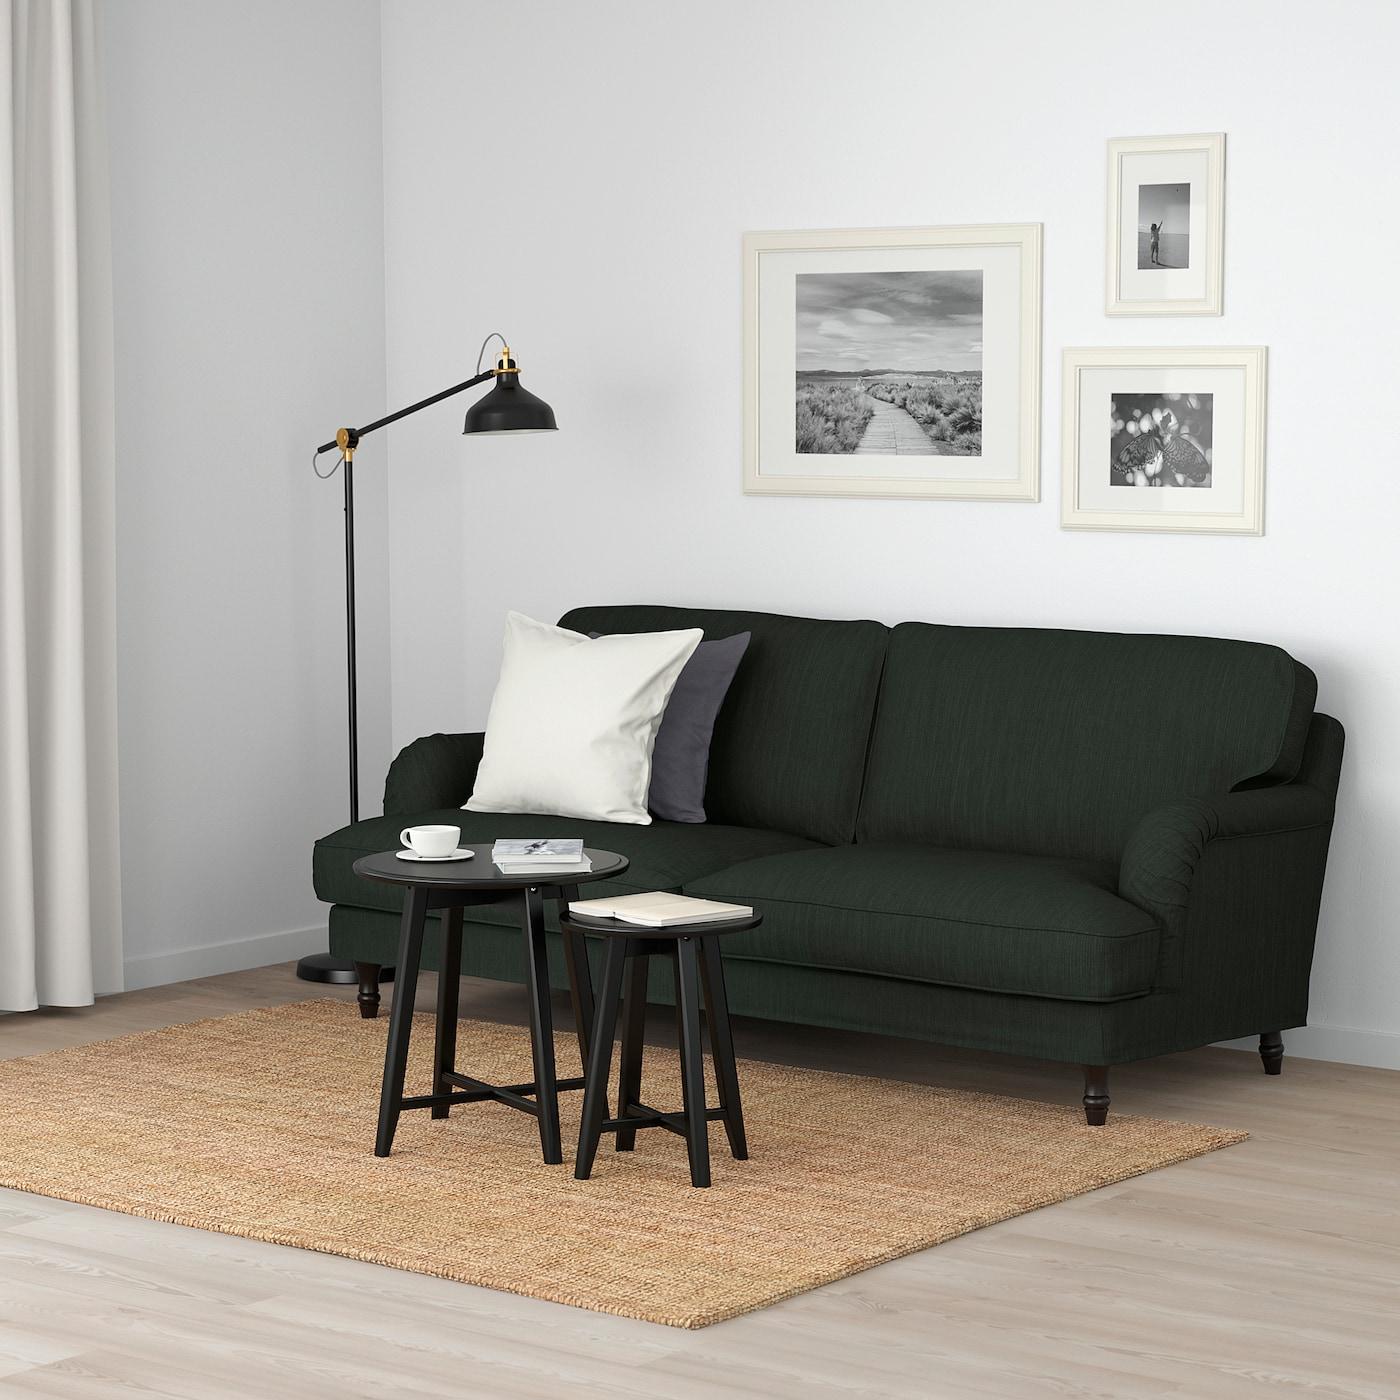 STOCKSUND 3 személyes kanapé Nolhaga sötétzöld, feketefa